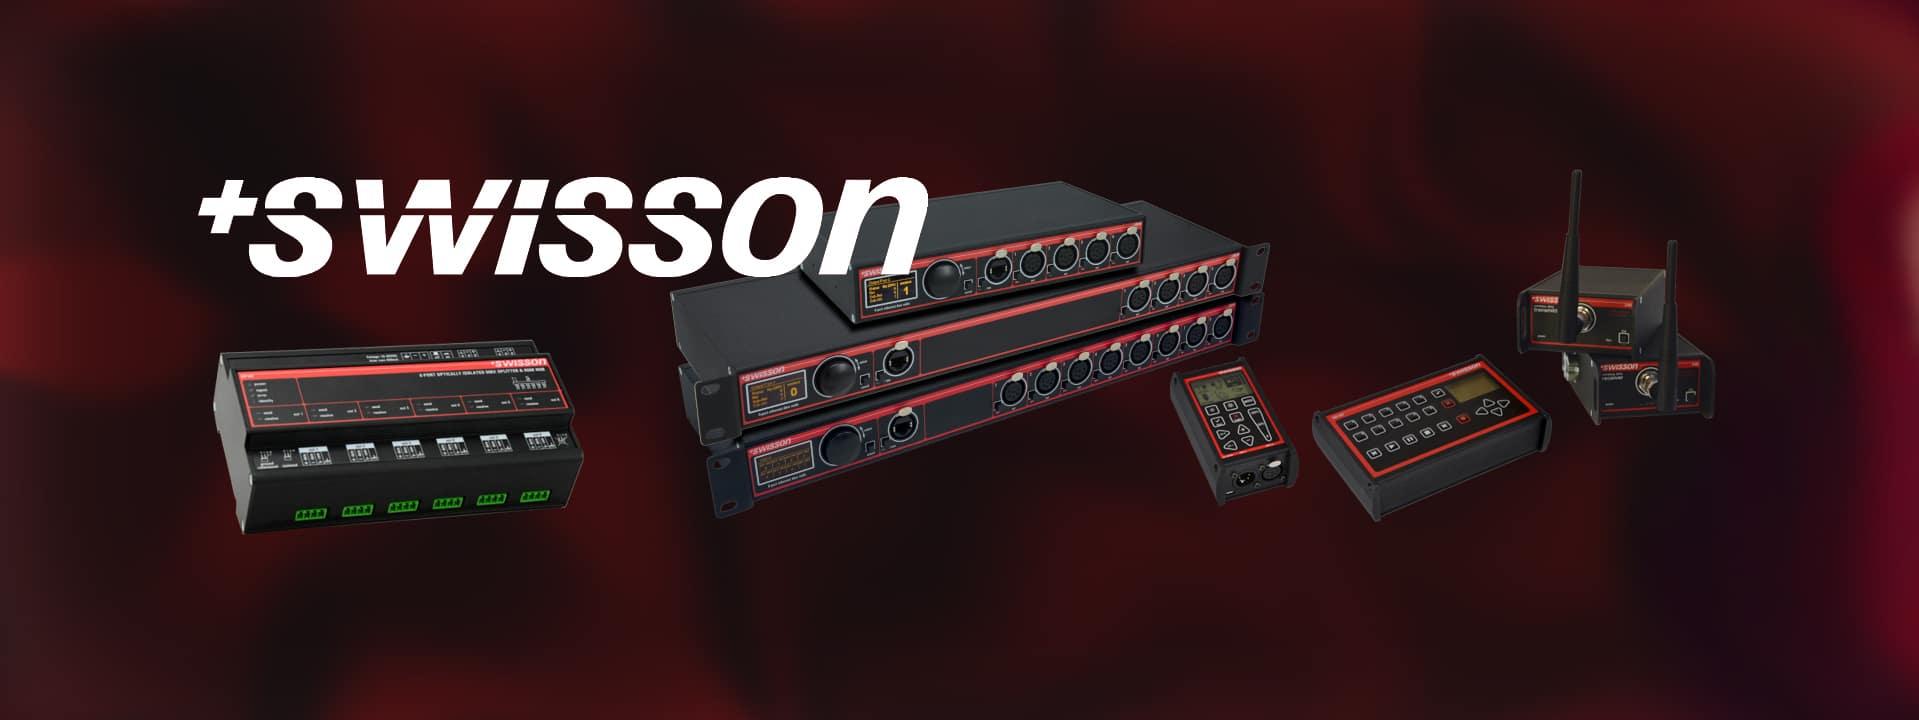 Swisson WDMX CRMX DMX splitter slider